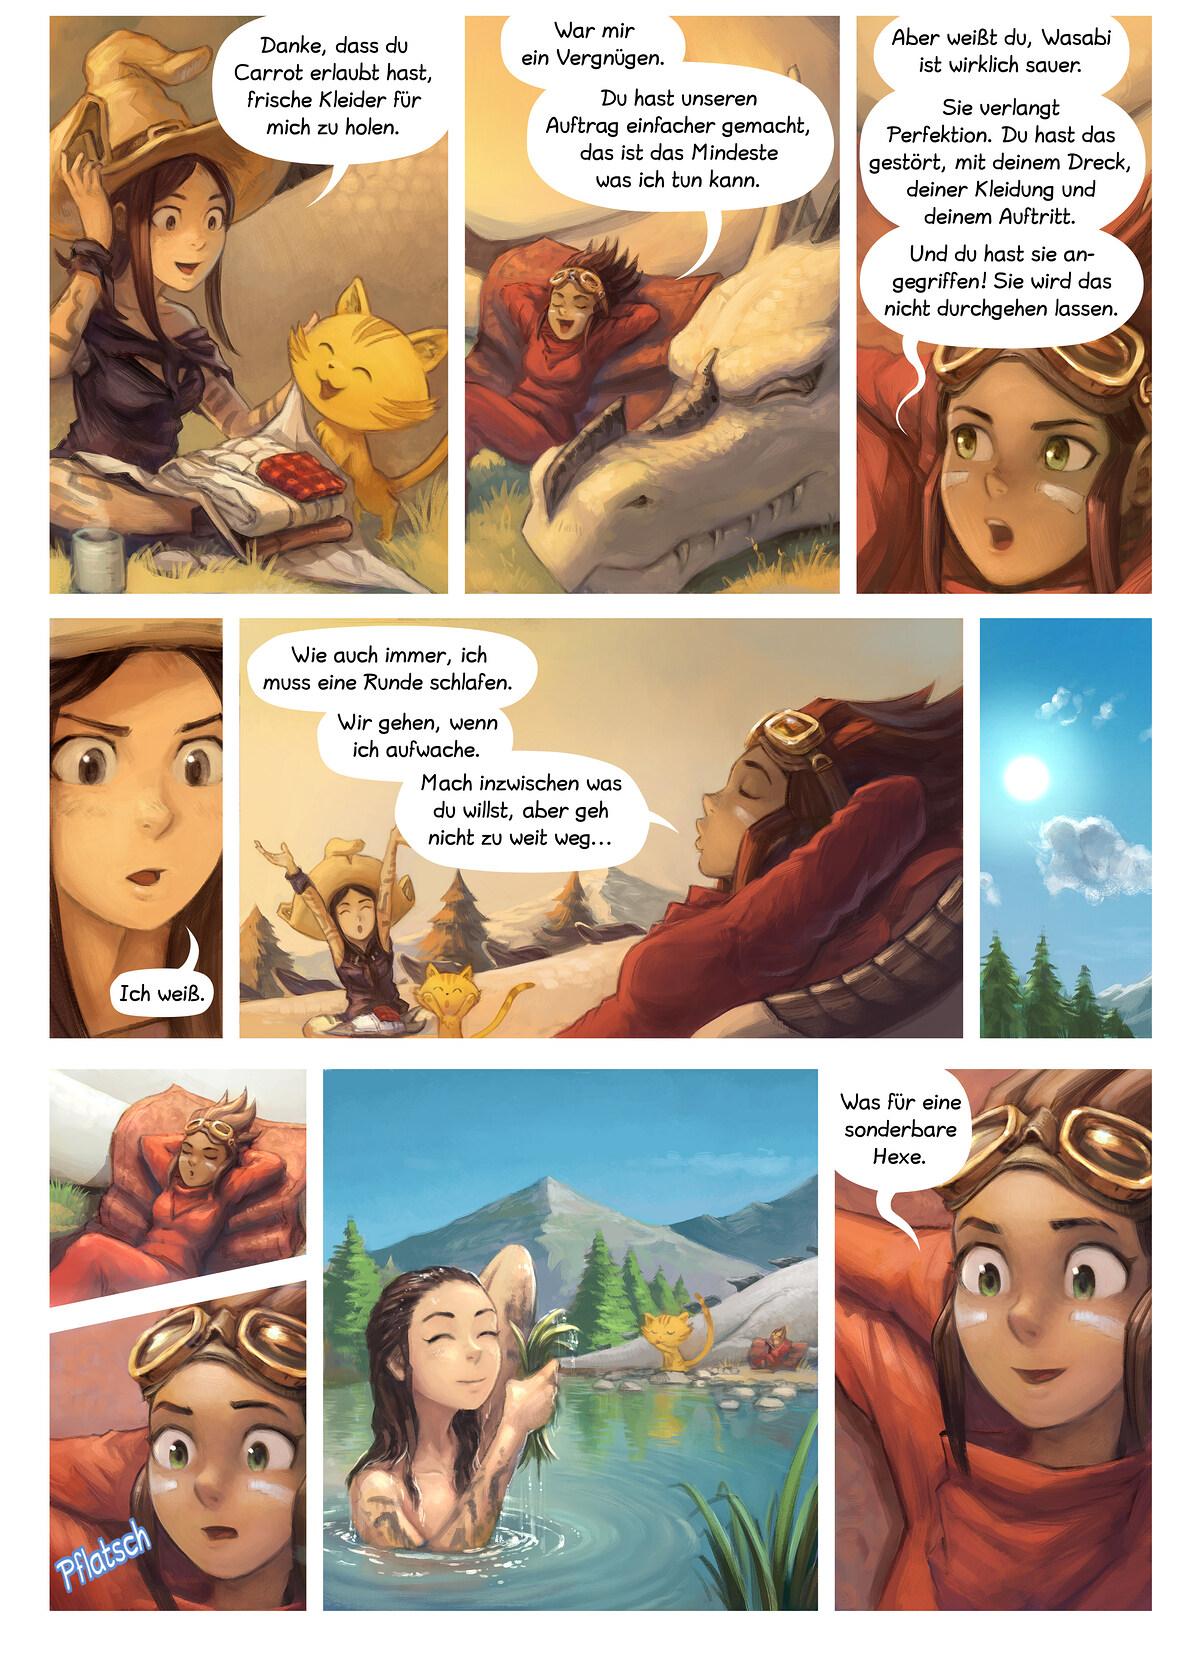 Episode 35: Das Spiegelbild, Page 11